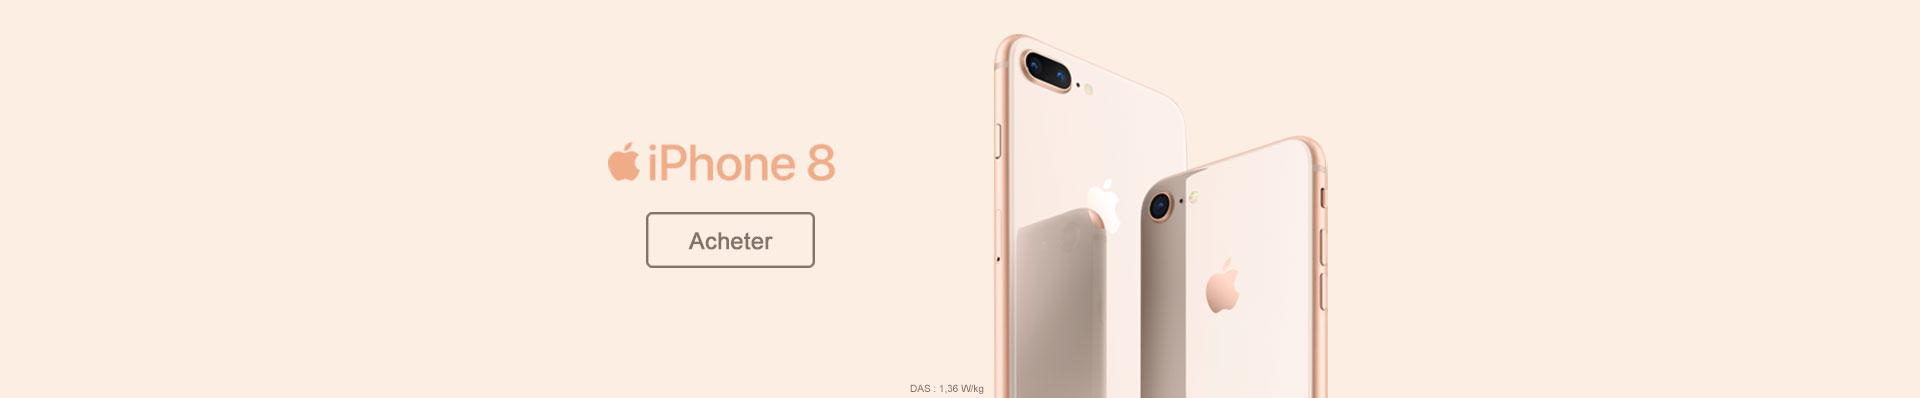 Acheter iPhone 8 et 8 Plus